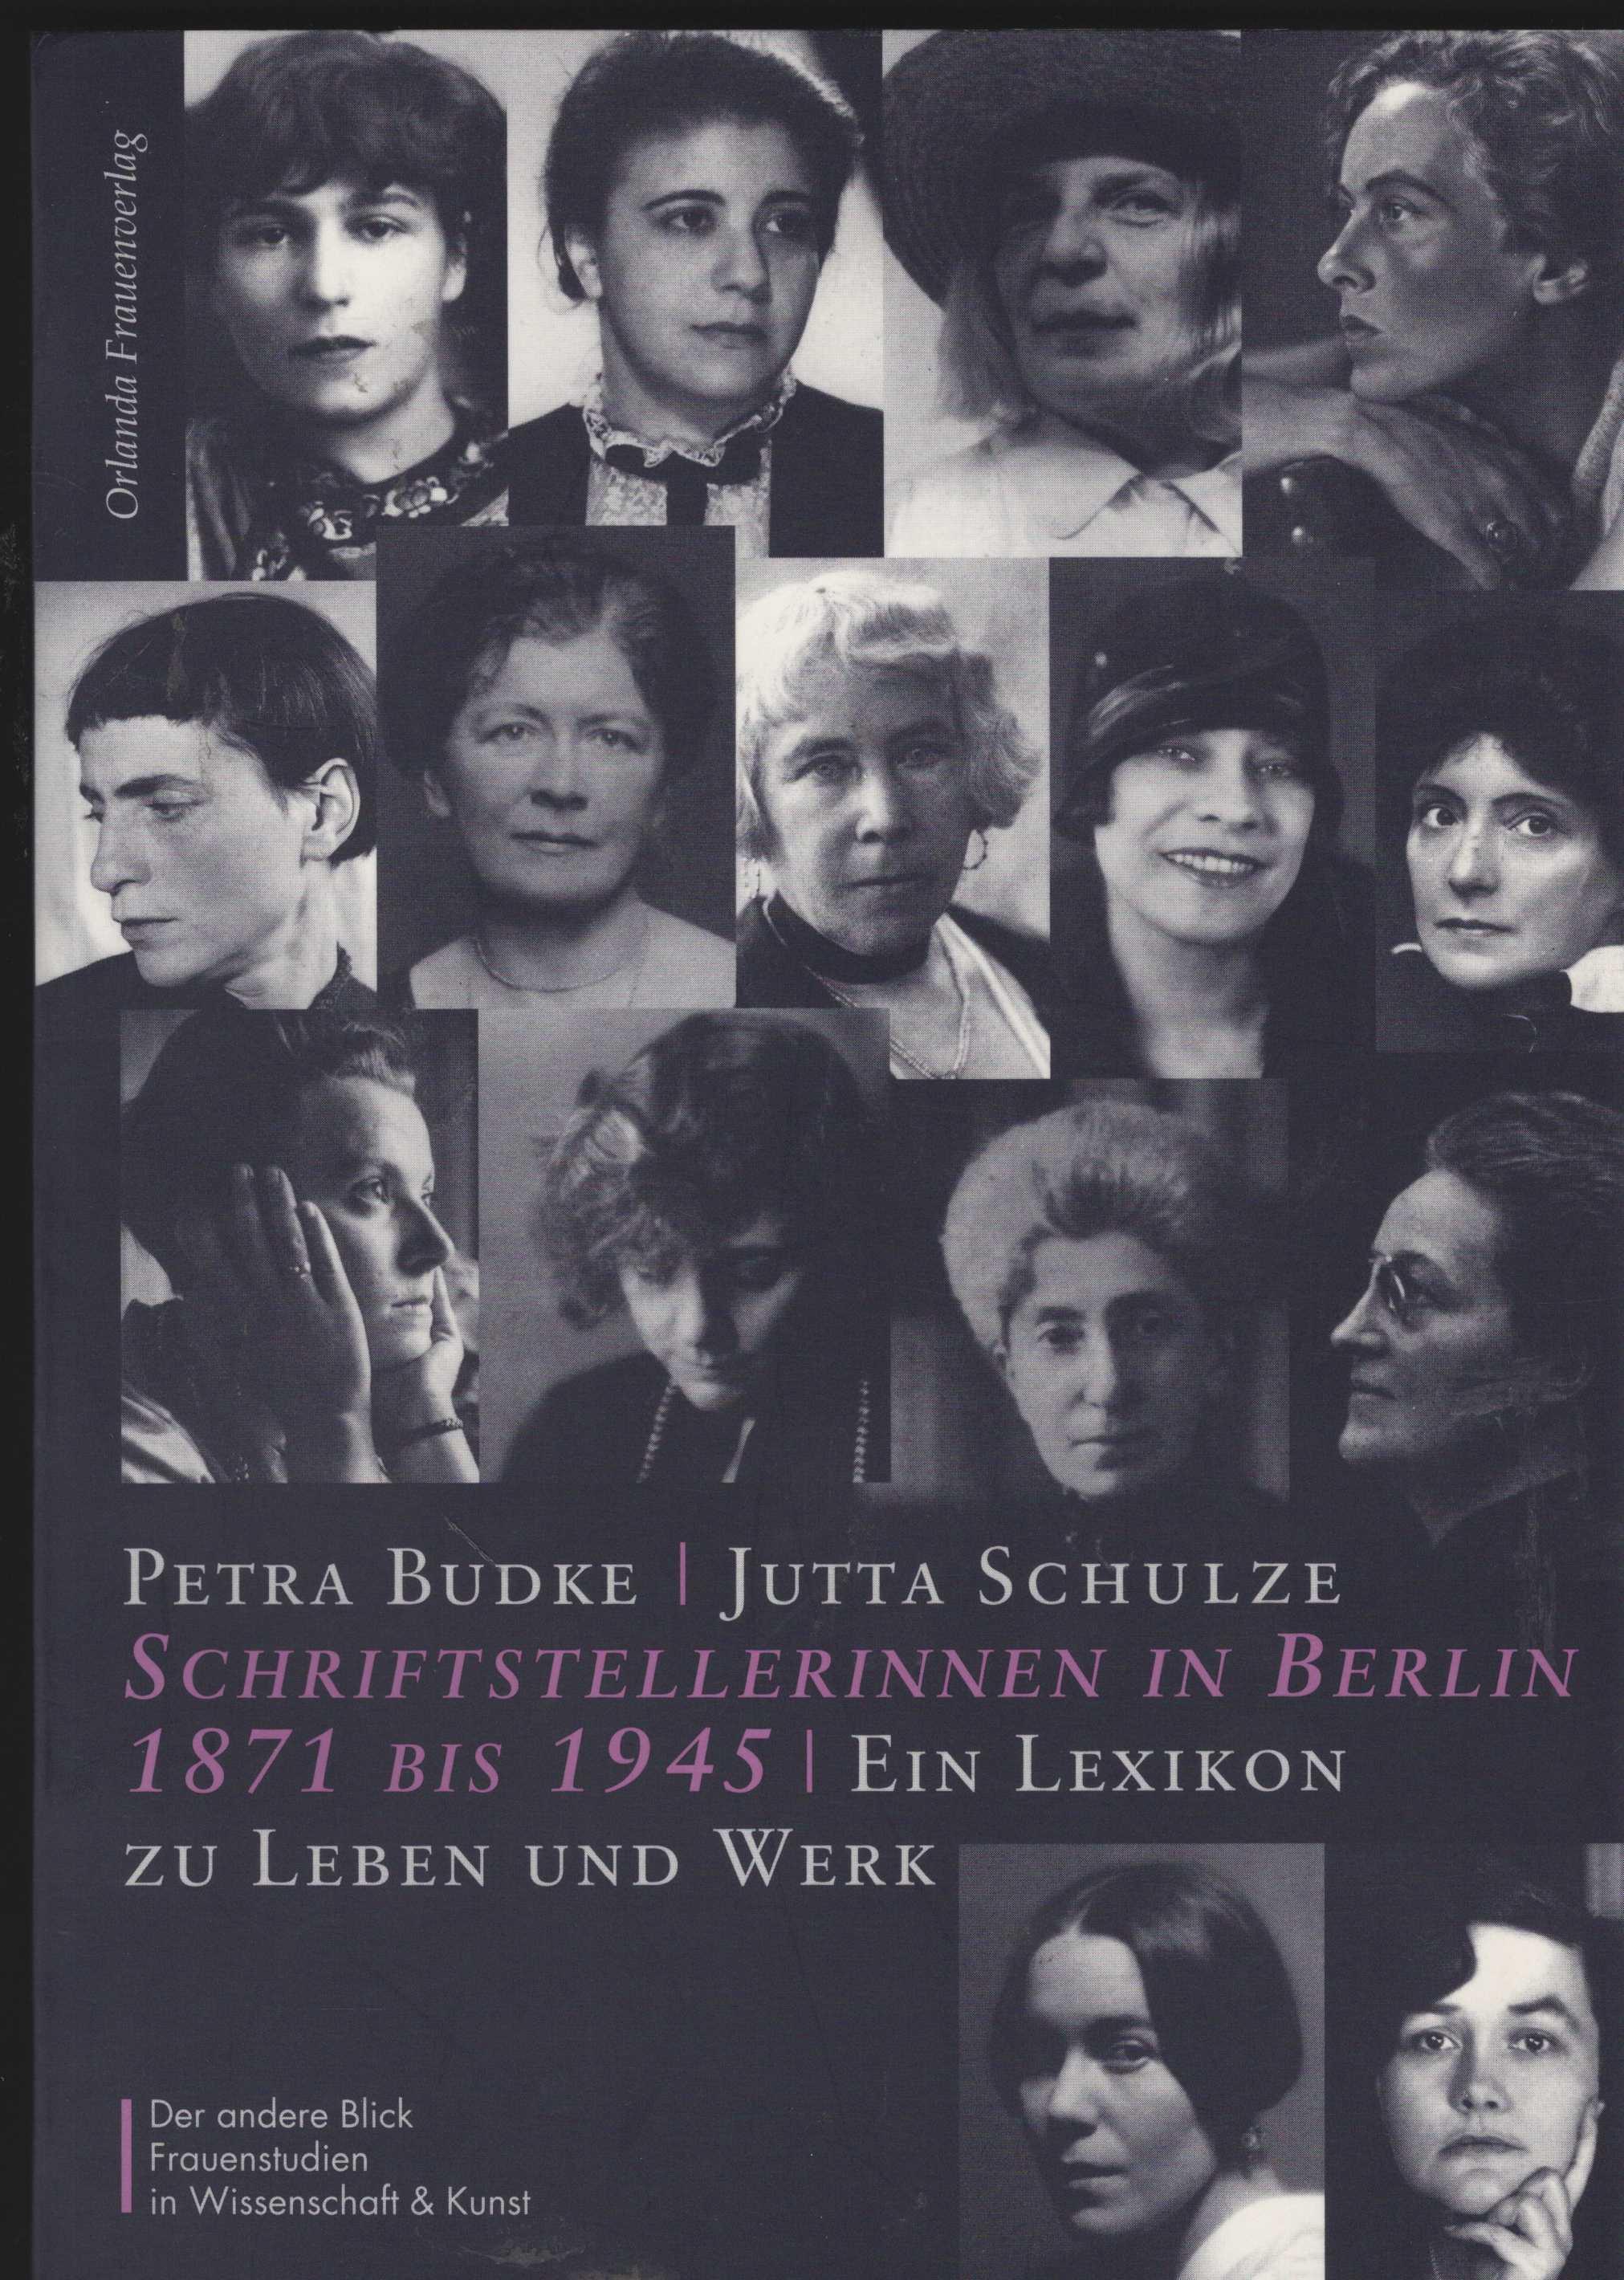 Schriftstellerinnen in Berlin 1871 - 1945. Ein Lexikon zu Leben und Werk. (= Der andere Blick). - Budke, Petra und Jutta Schulze